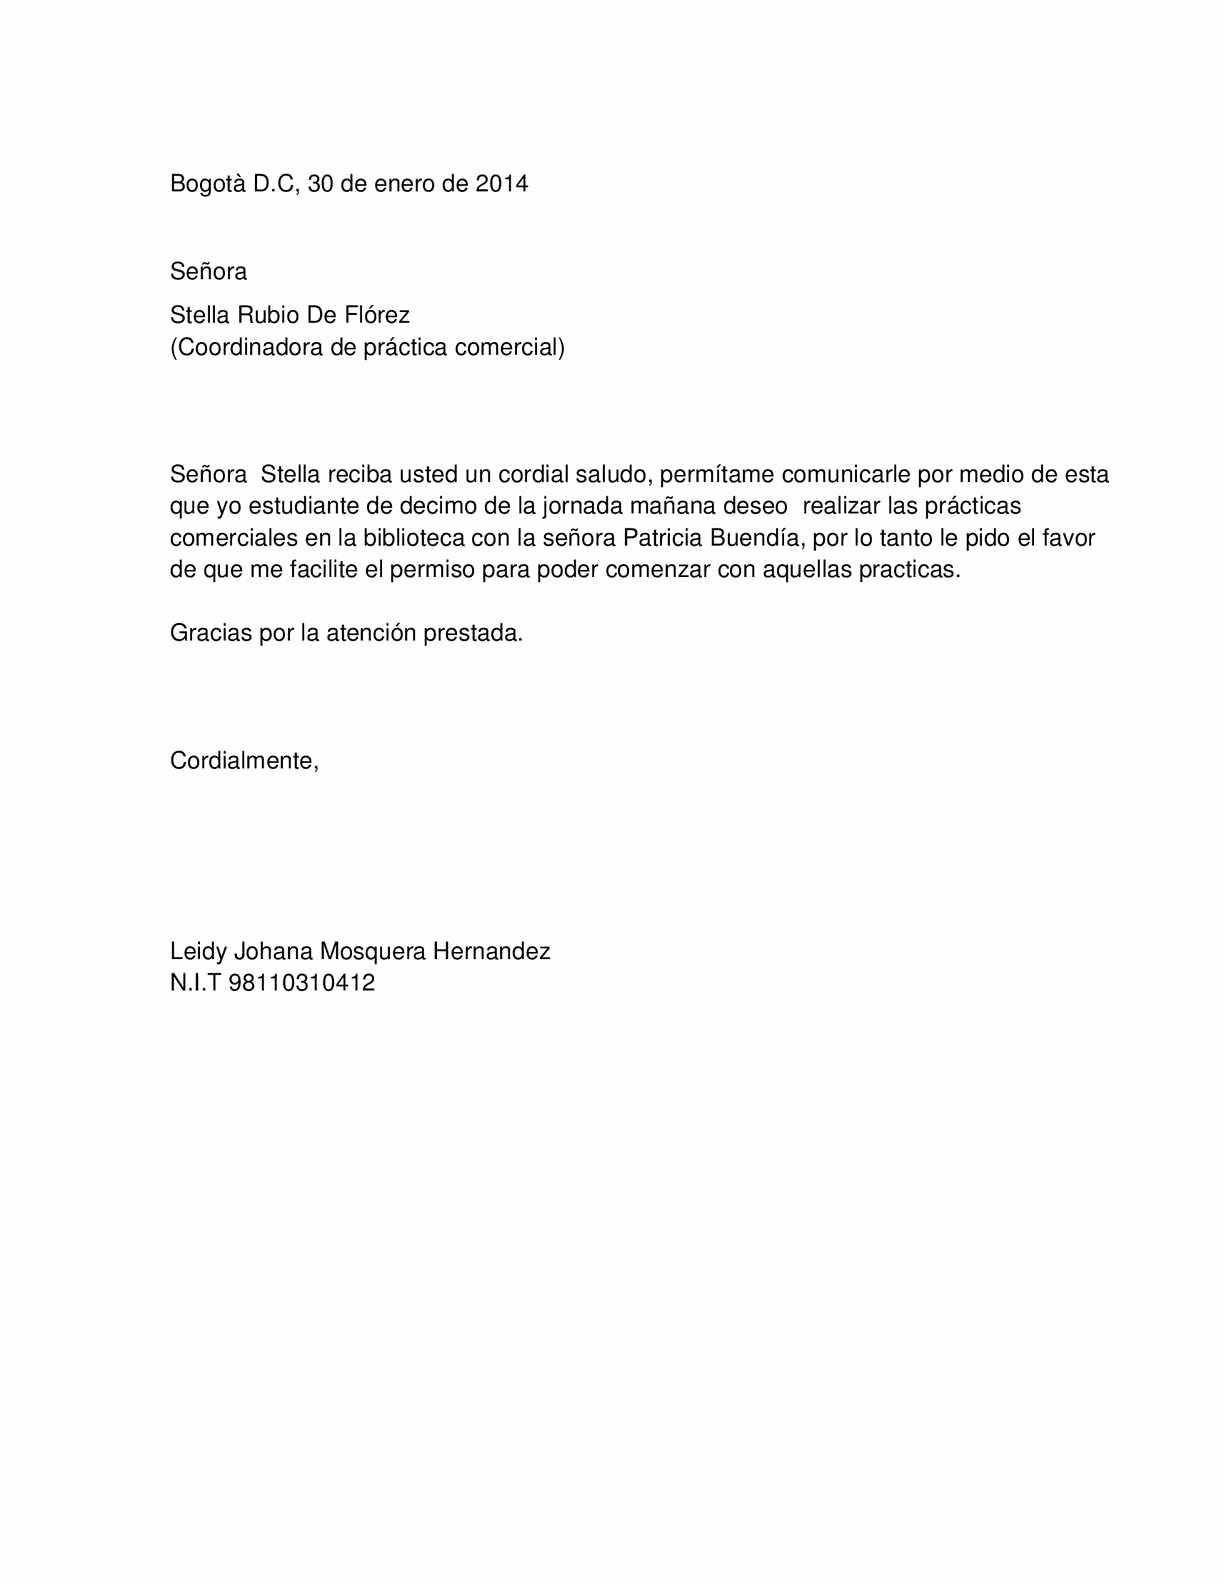 Formatos Carta De Recomendacion Personal Best Of formato Referencias Personales Para Trabajo